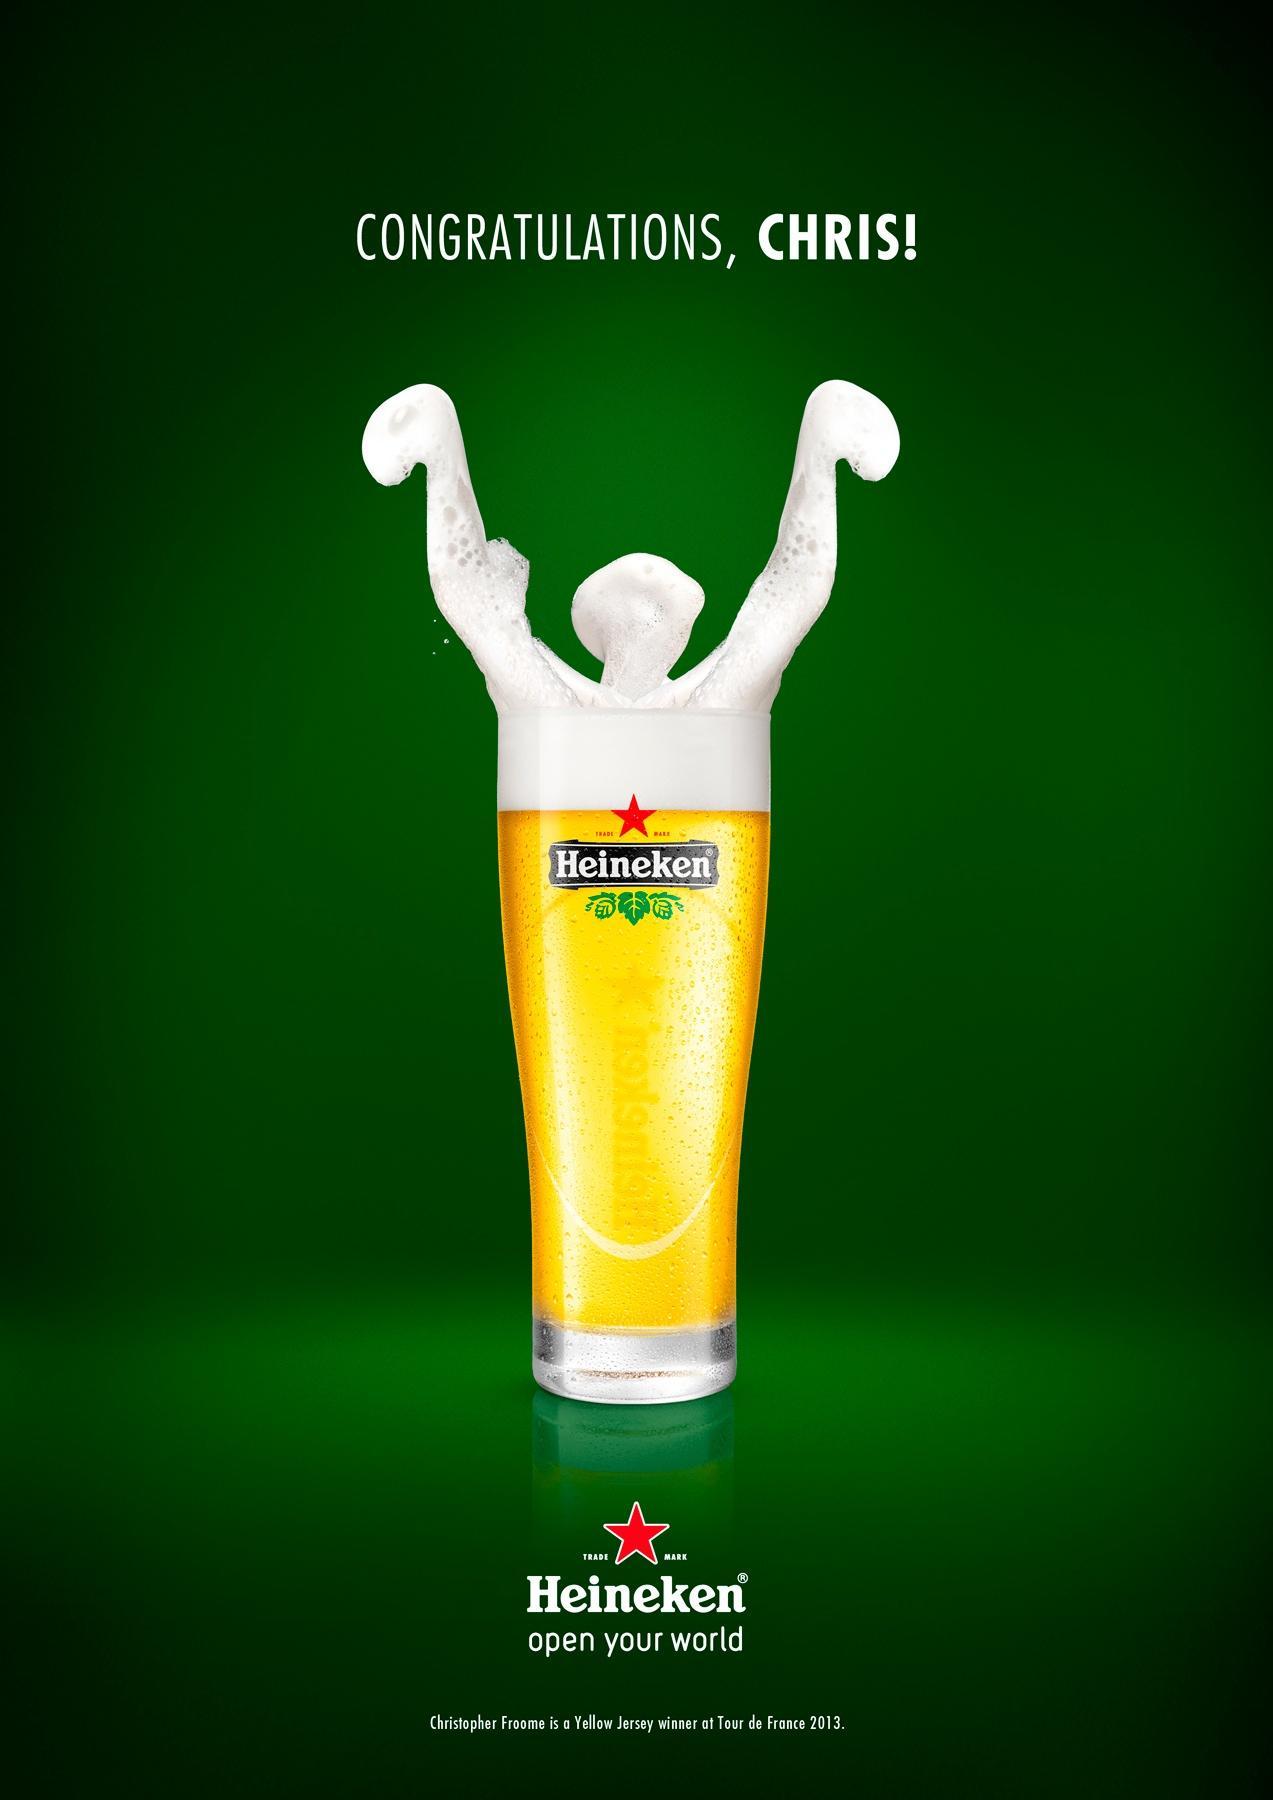 Heineken Print Ad -  Congratulations, Chris!